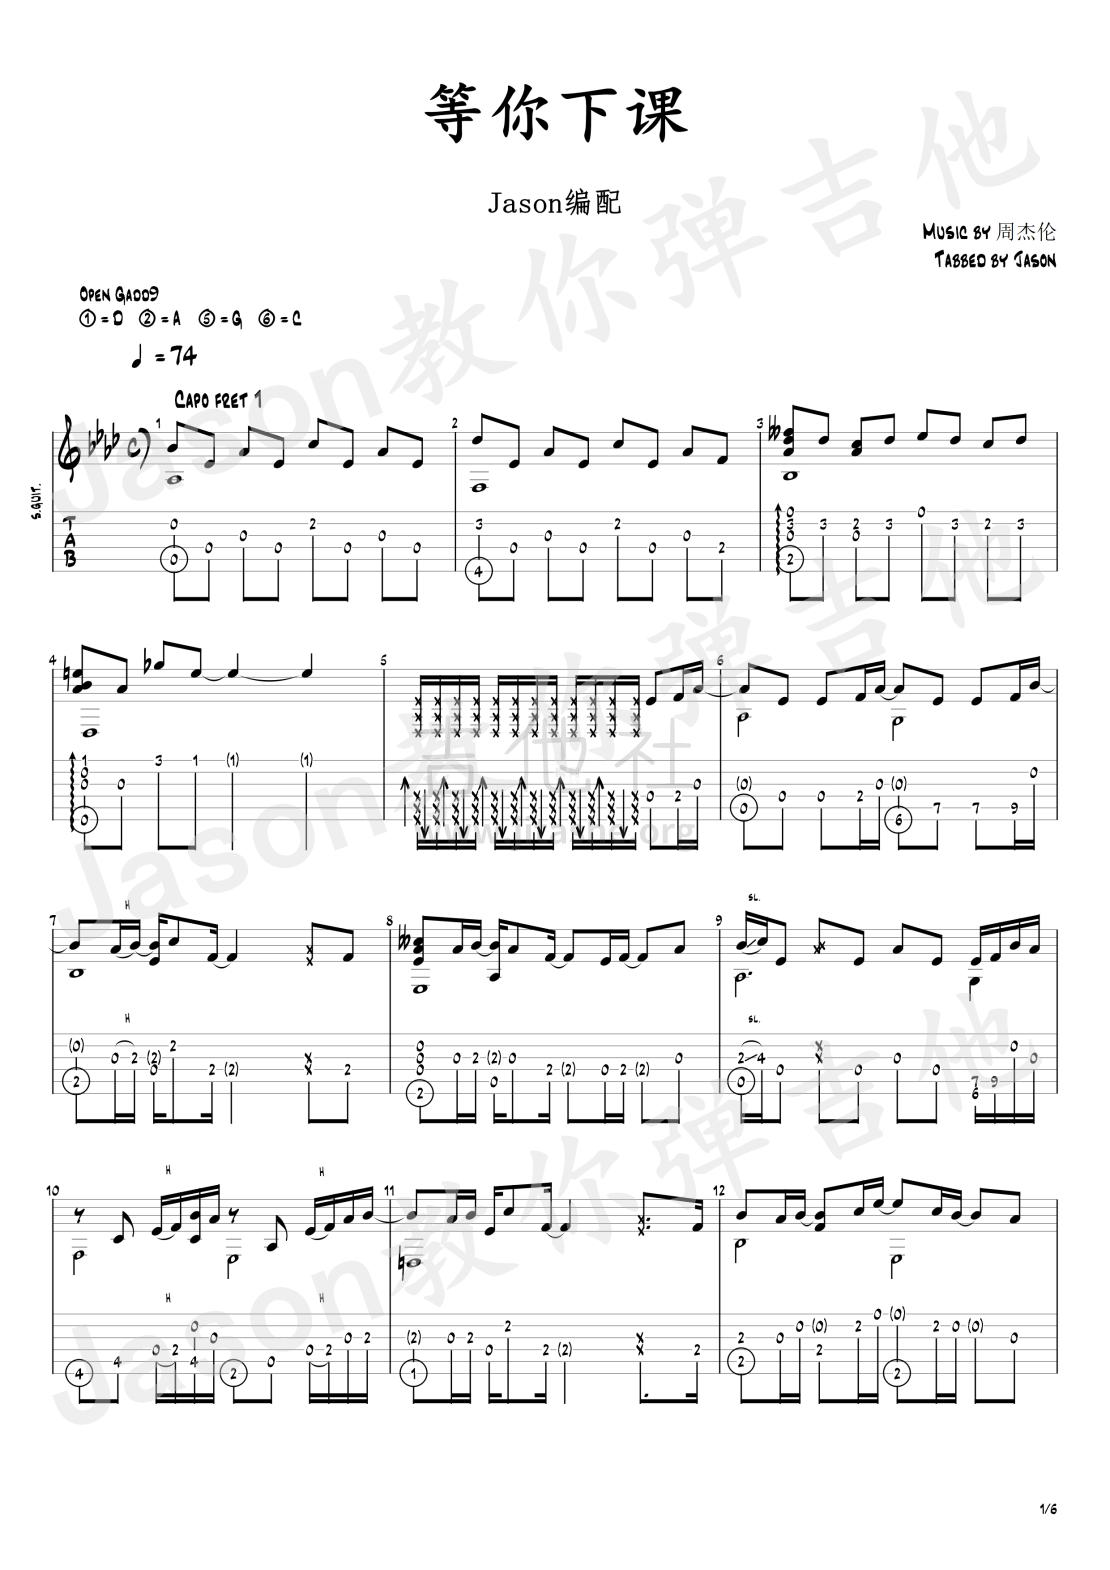 等你下课(完整版附带视频教学)吉他谱(图片谱,简单版,指弹,改编版)_周杰伦(Jay Chou)_等你下课#1.png